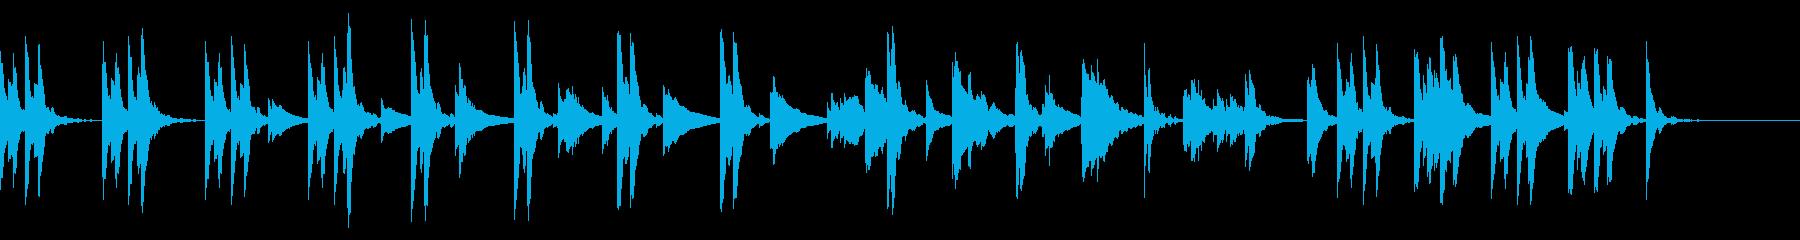 不安、自問の場面のシンプルな曲の再生済みの波形